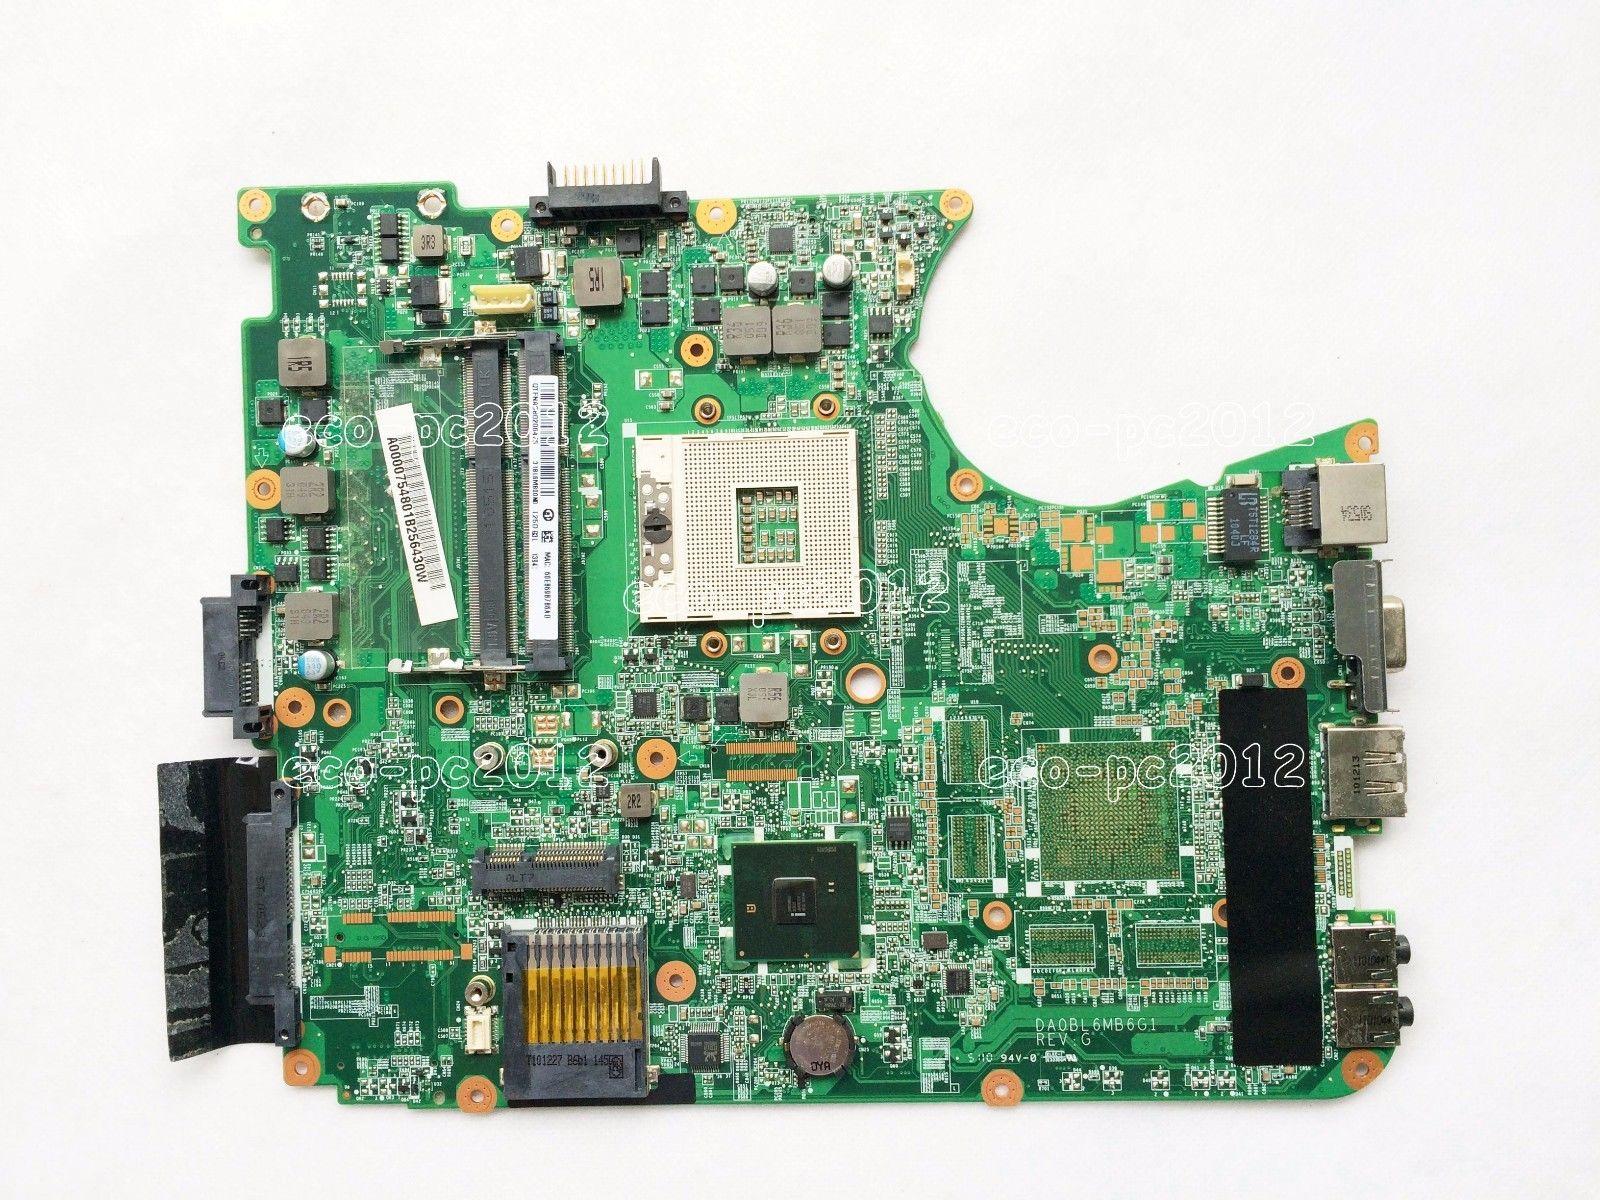 لتوشيبا L655 L650 اللوحة المحمول A000075480 HM55 31BL6MB0010 DA0BL6MB6F0 اللوحة